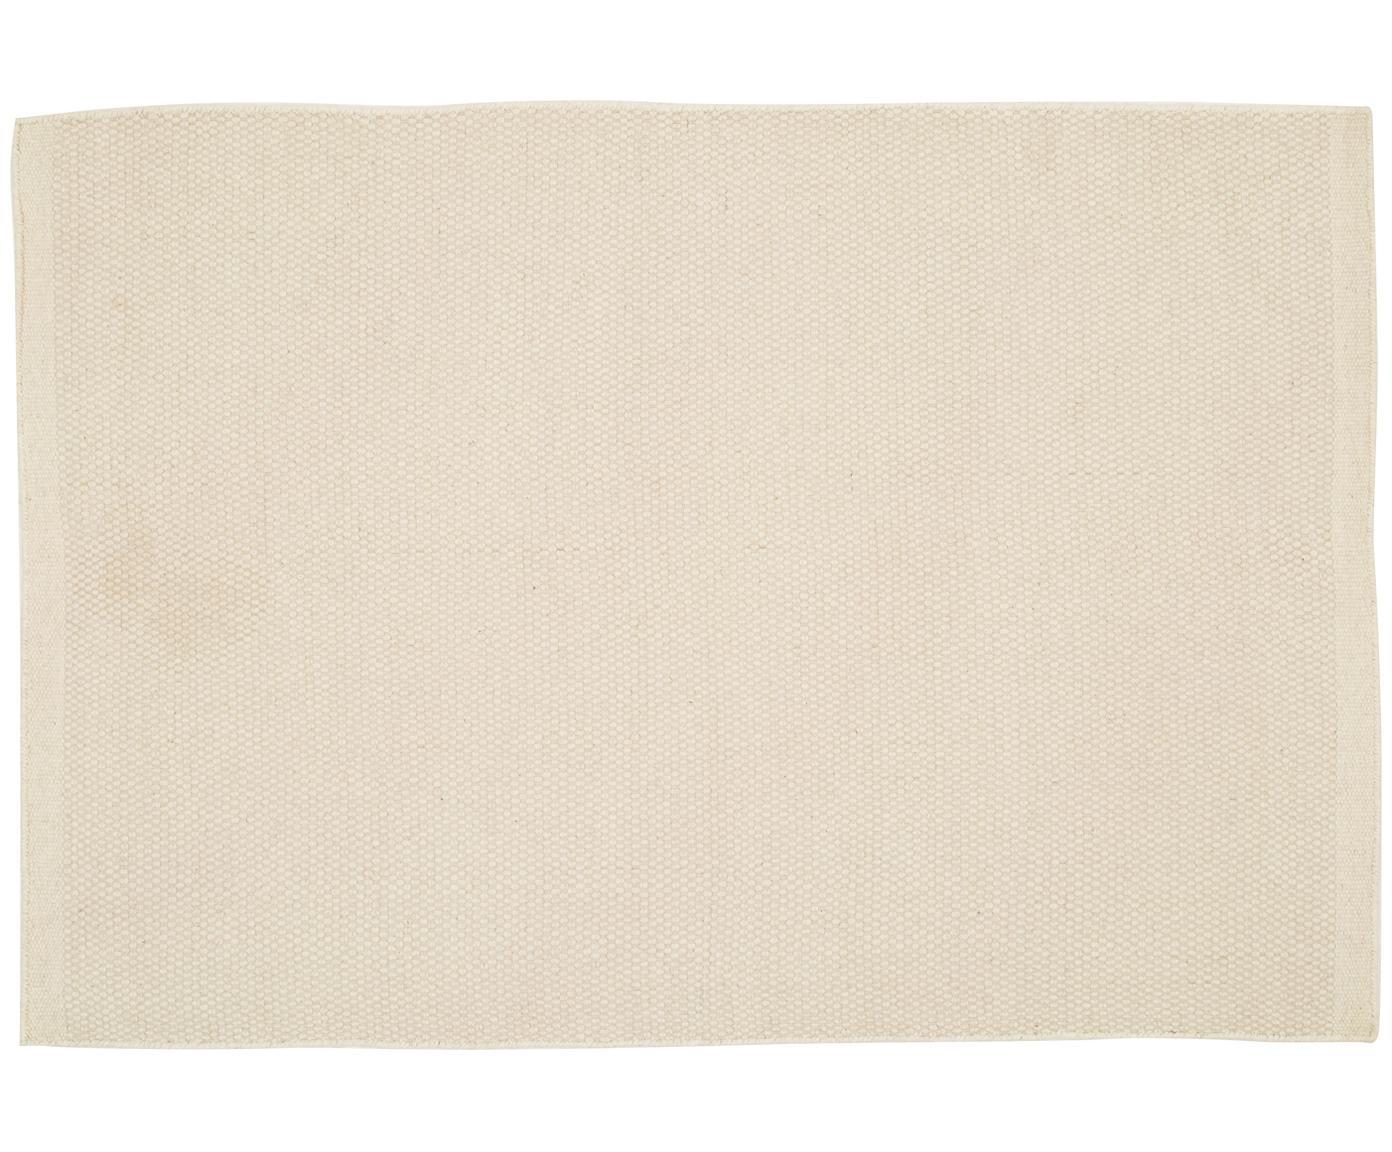 Tappeto in lana tessuto a mano Delight, Vello: 90% lana, 10% cotone, Retro: cotone, Bianco, Larg. 200 x Lung. 300 cm  (taglia L)